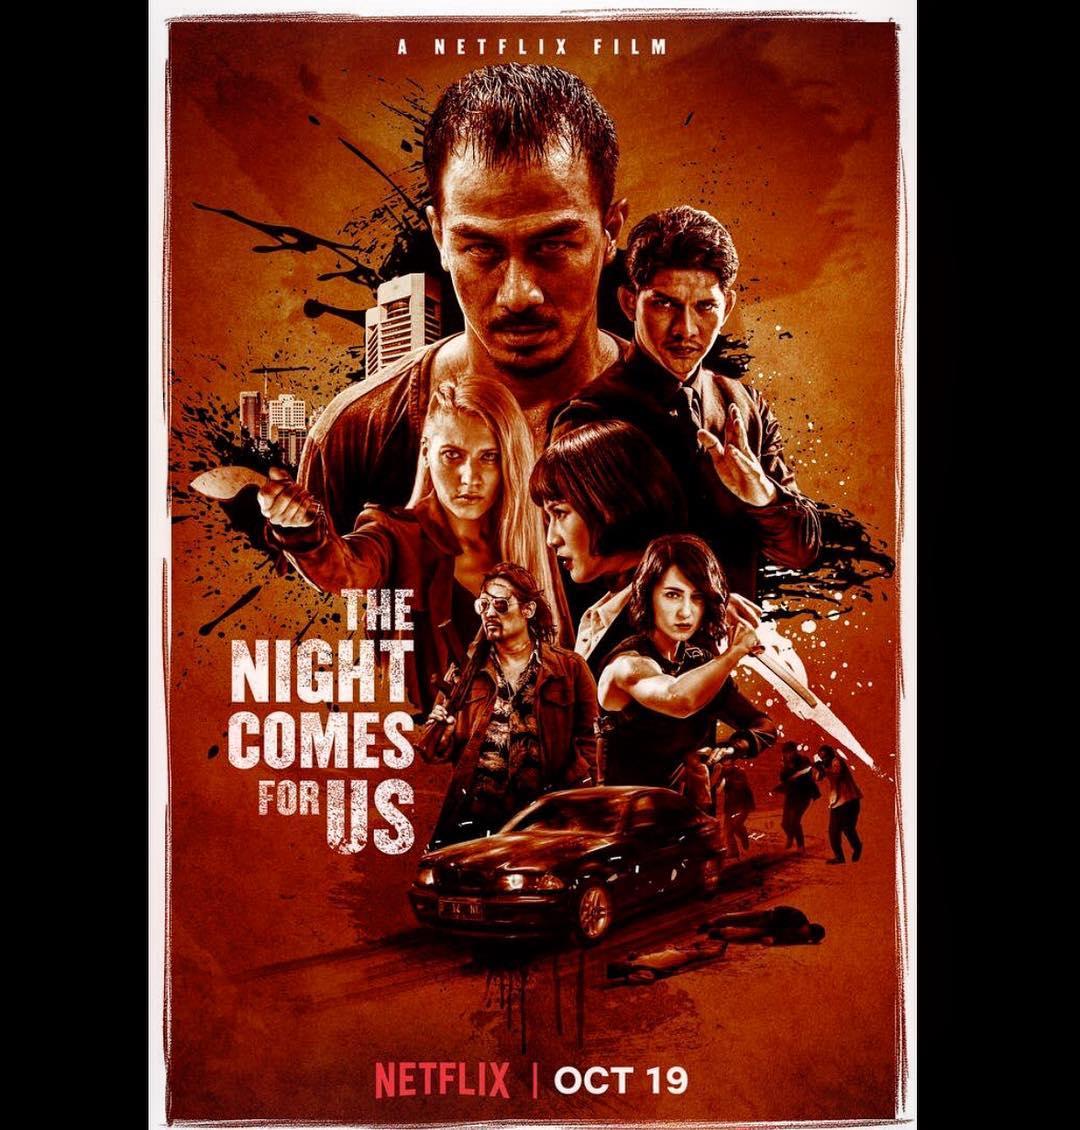 The Night Comes for Us, Film Baru Iko Uwais dan Joe Taslim Dirilis di Netflix